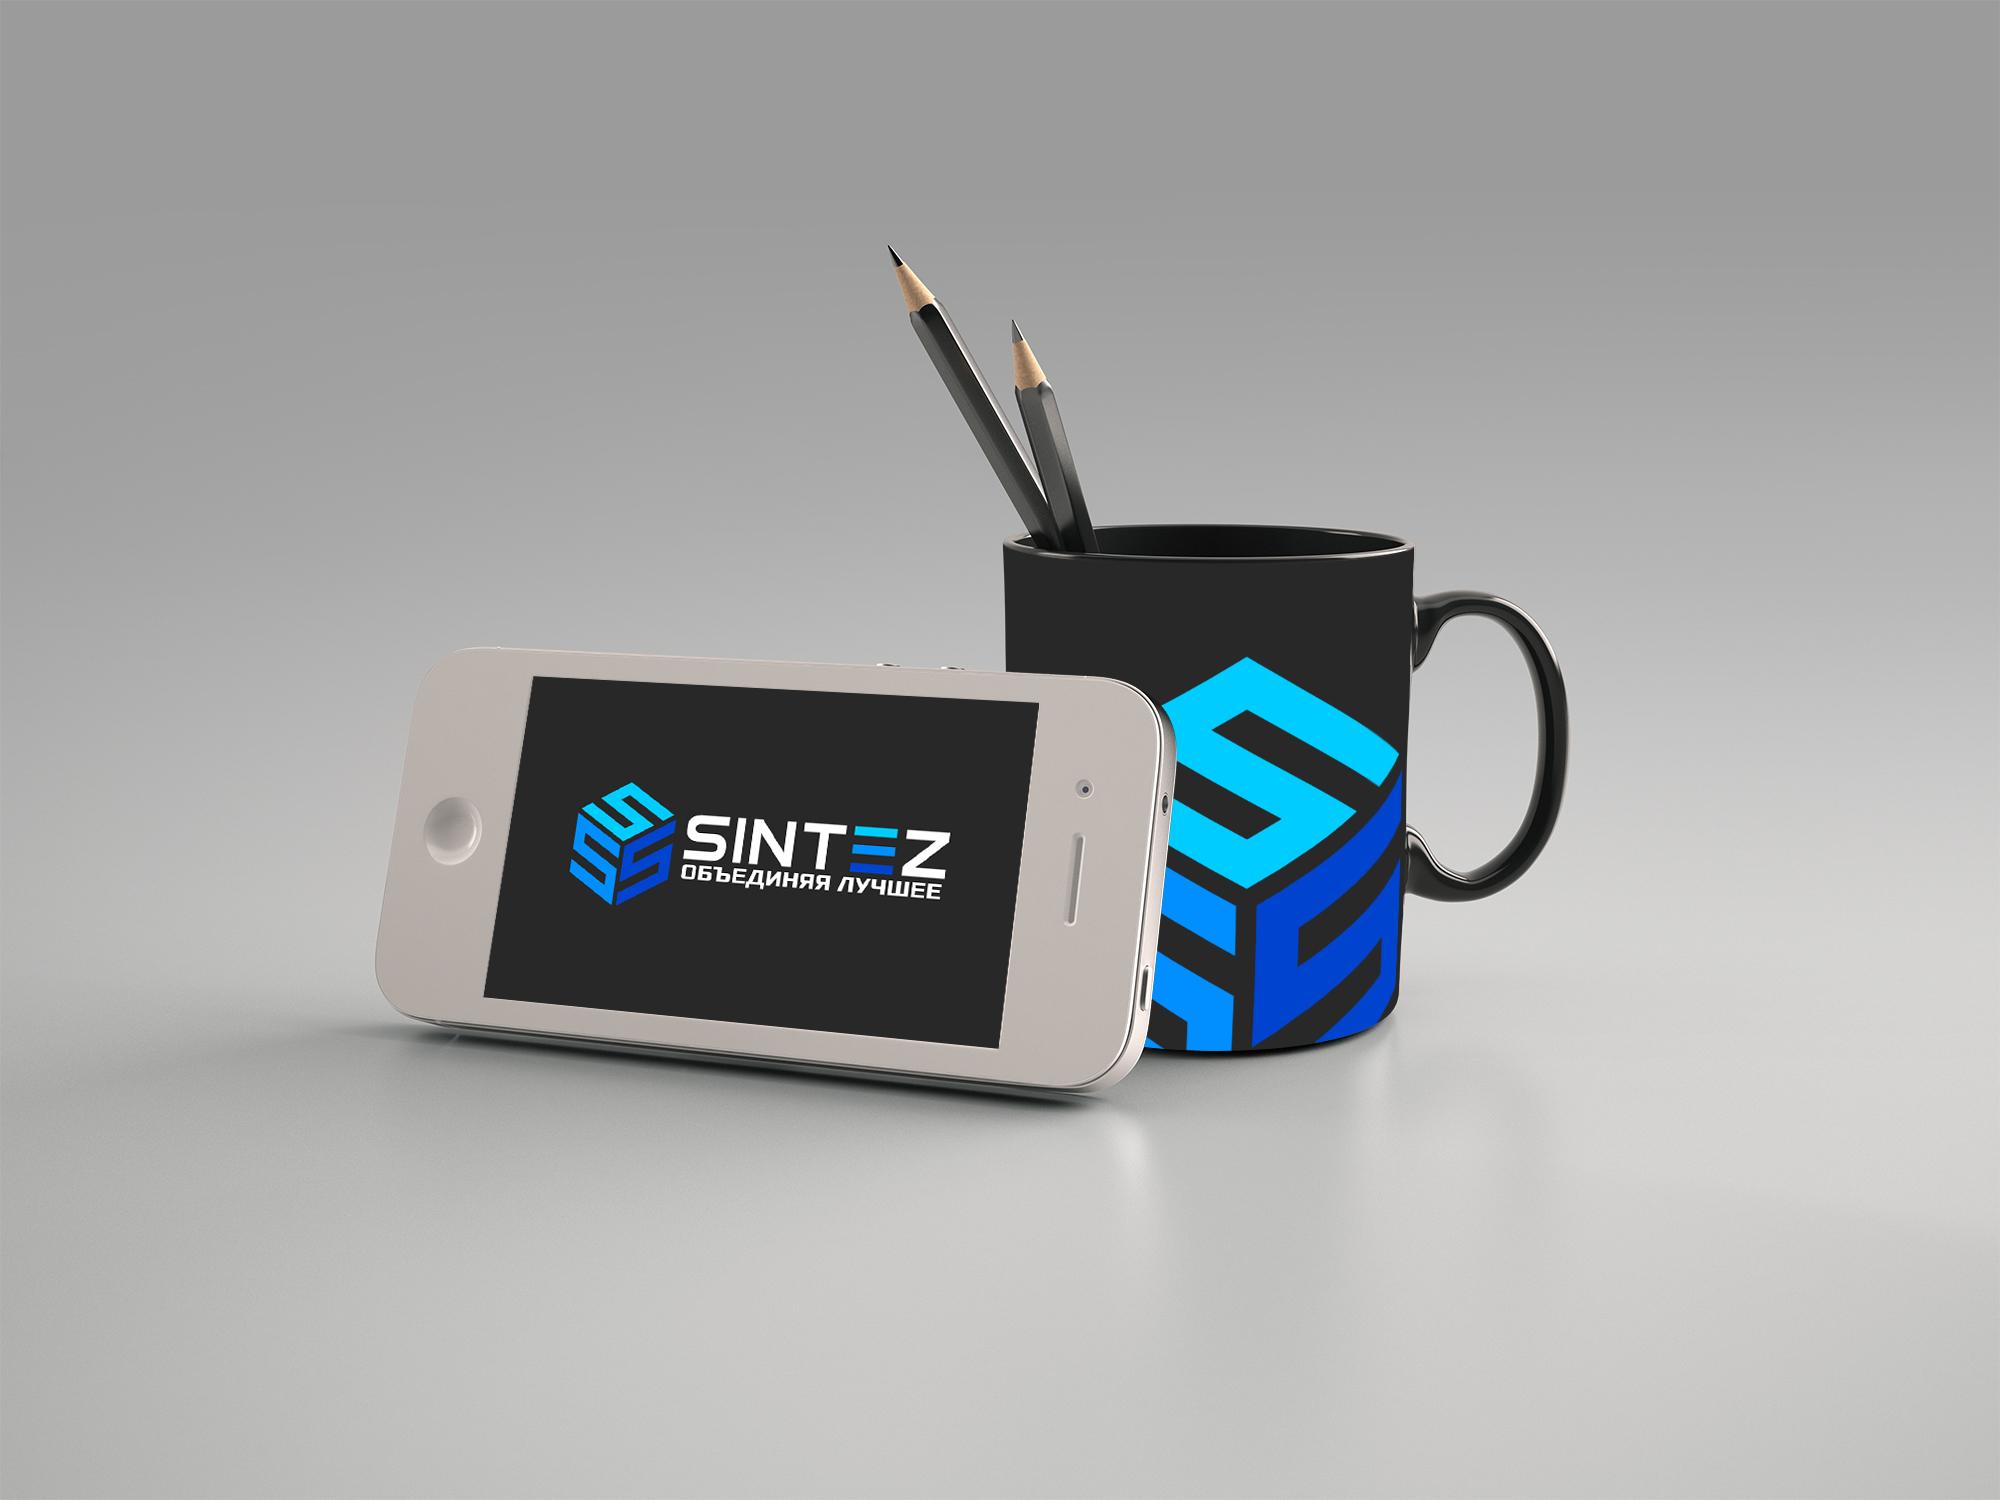 Разрабтка логотипа компании и фирменного шрифта фото f_2175f61edb1ecc5d.jpg